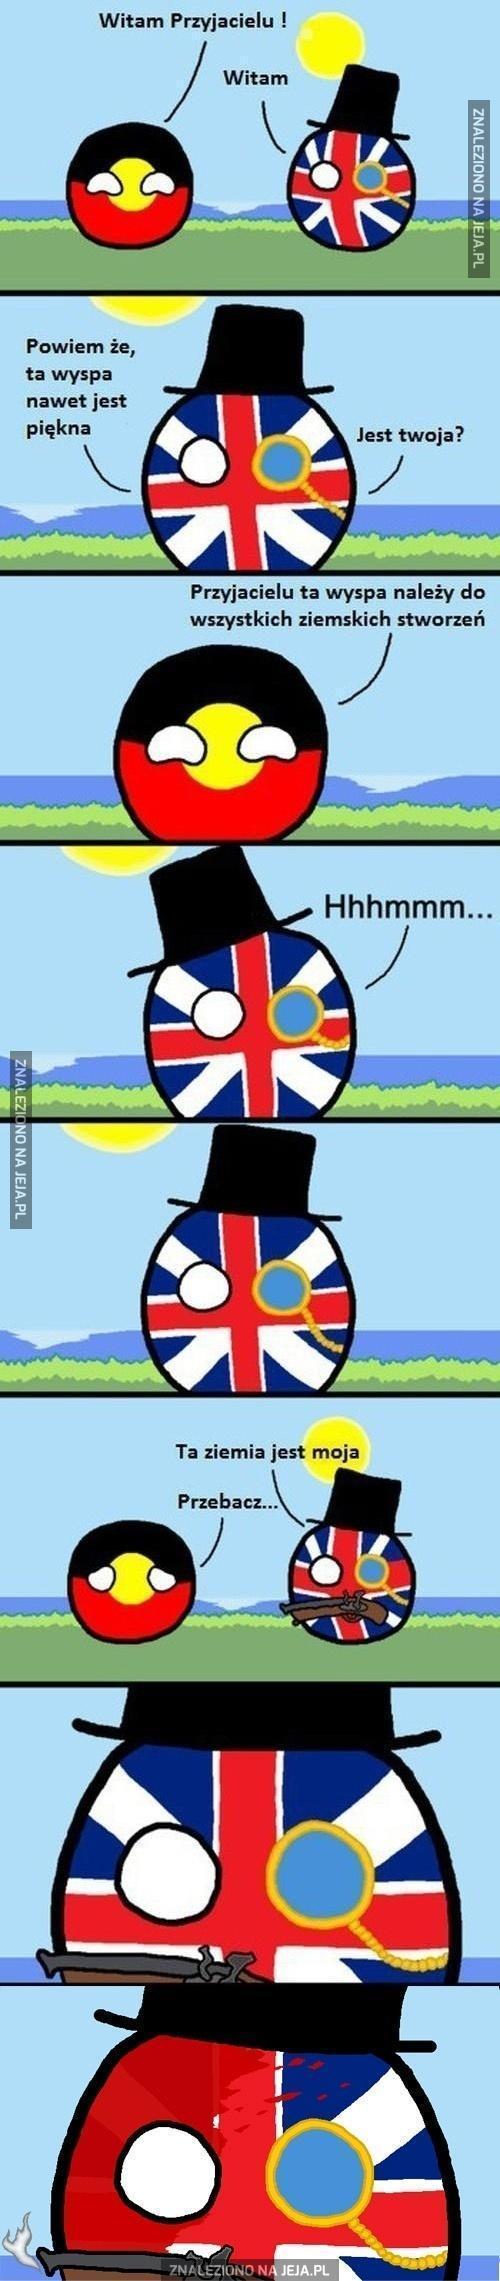 To Twoja wyspa?